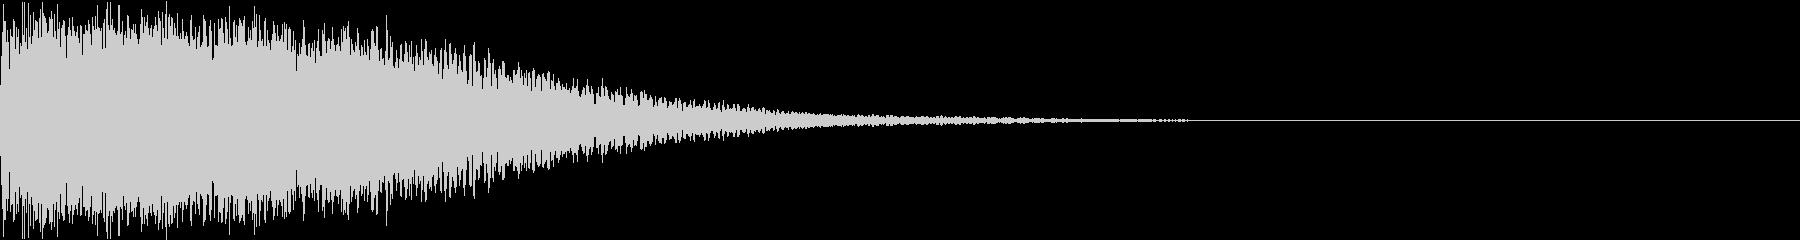 攻撃 スマッシュ シャキーン 魔法 02の未再生の波形